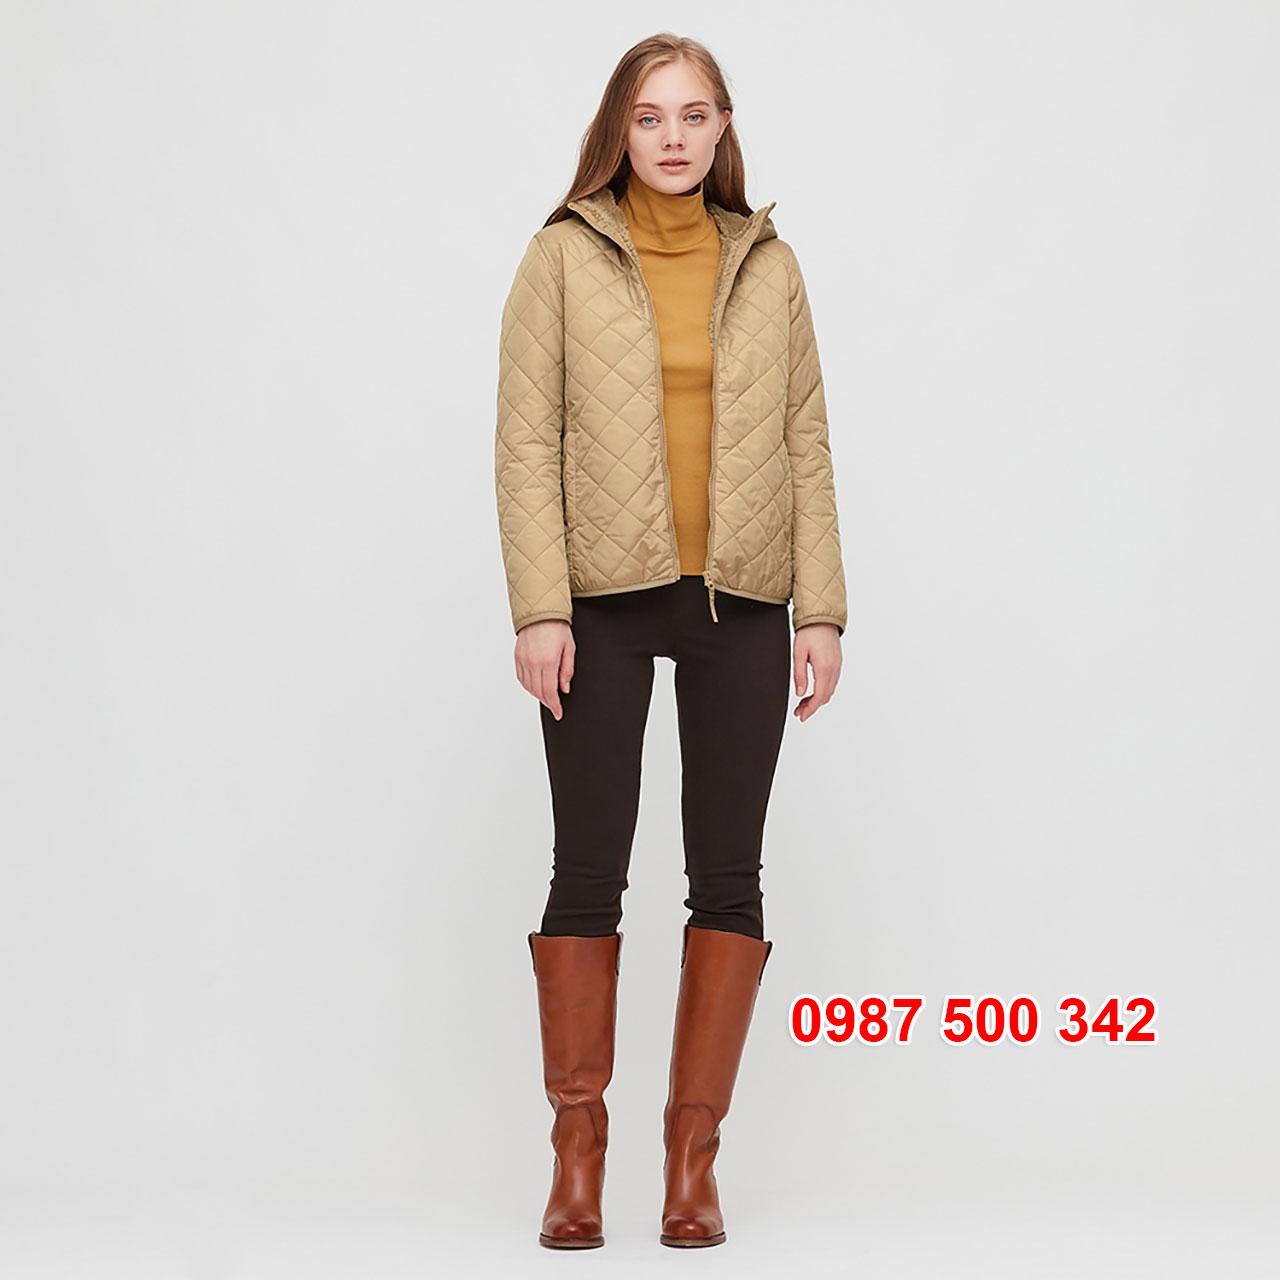 Dáng Áo khoác chần trám lót lông cừu Uniqlo 2020 - 2021 mã 432295